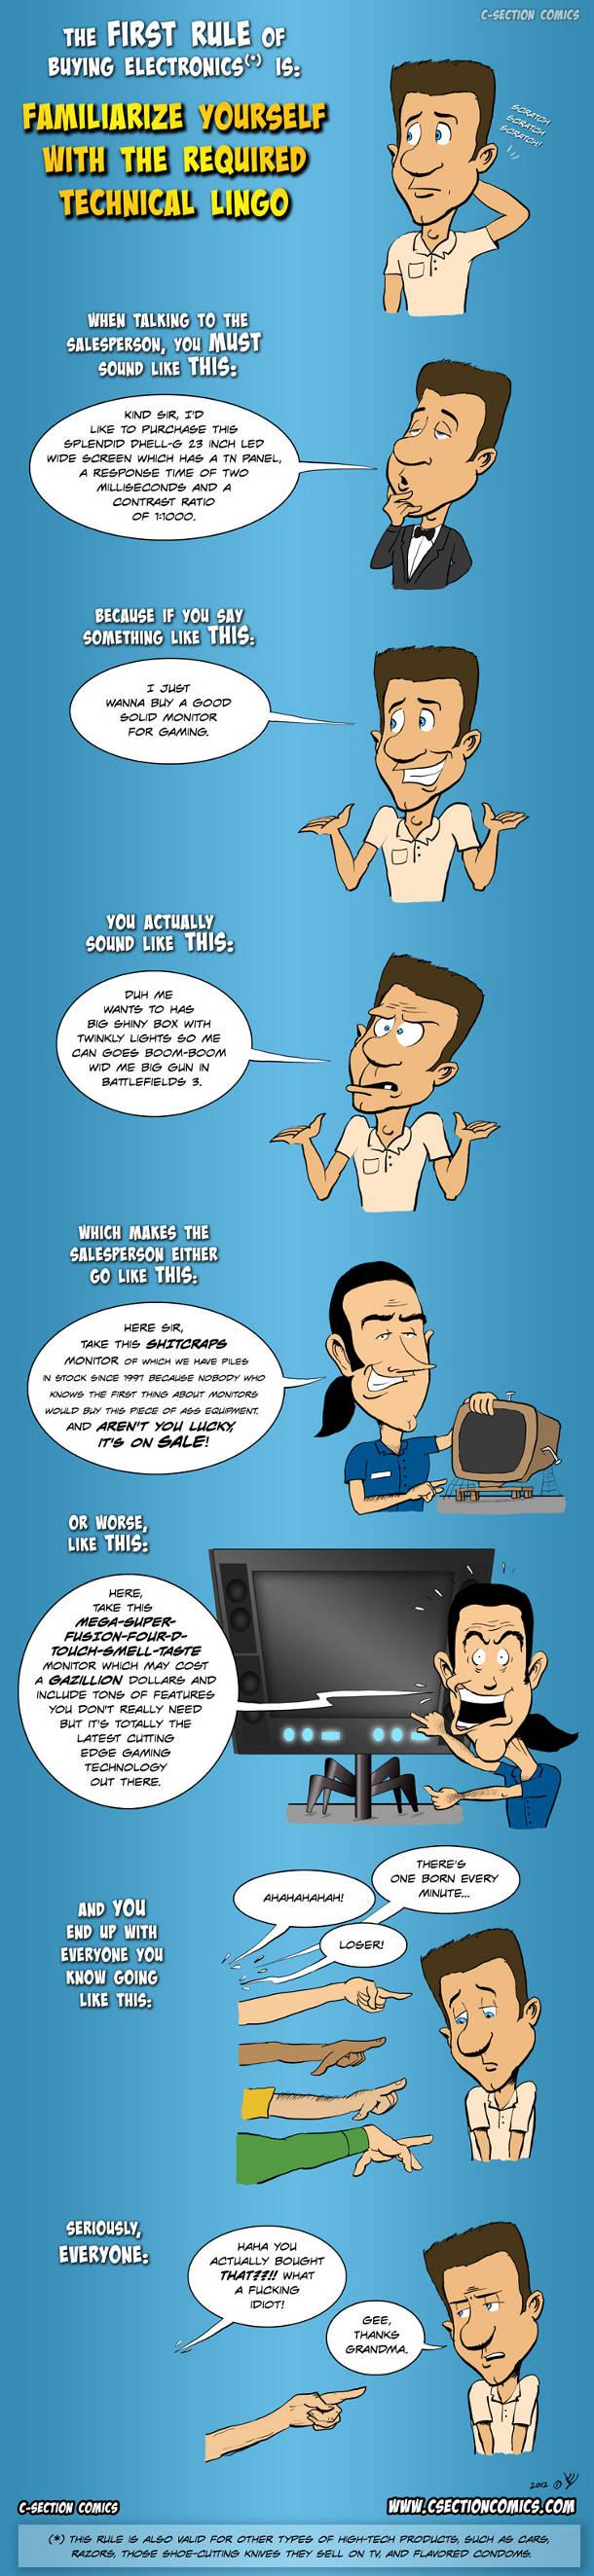 La première règle d'un achat d'électronique